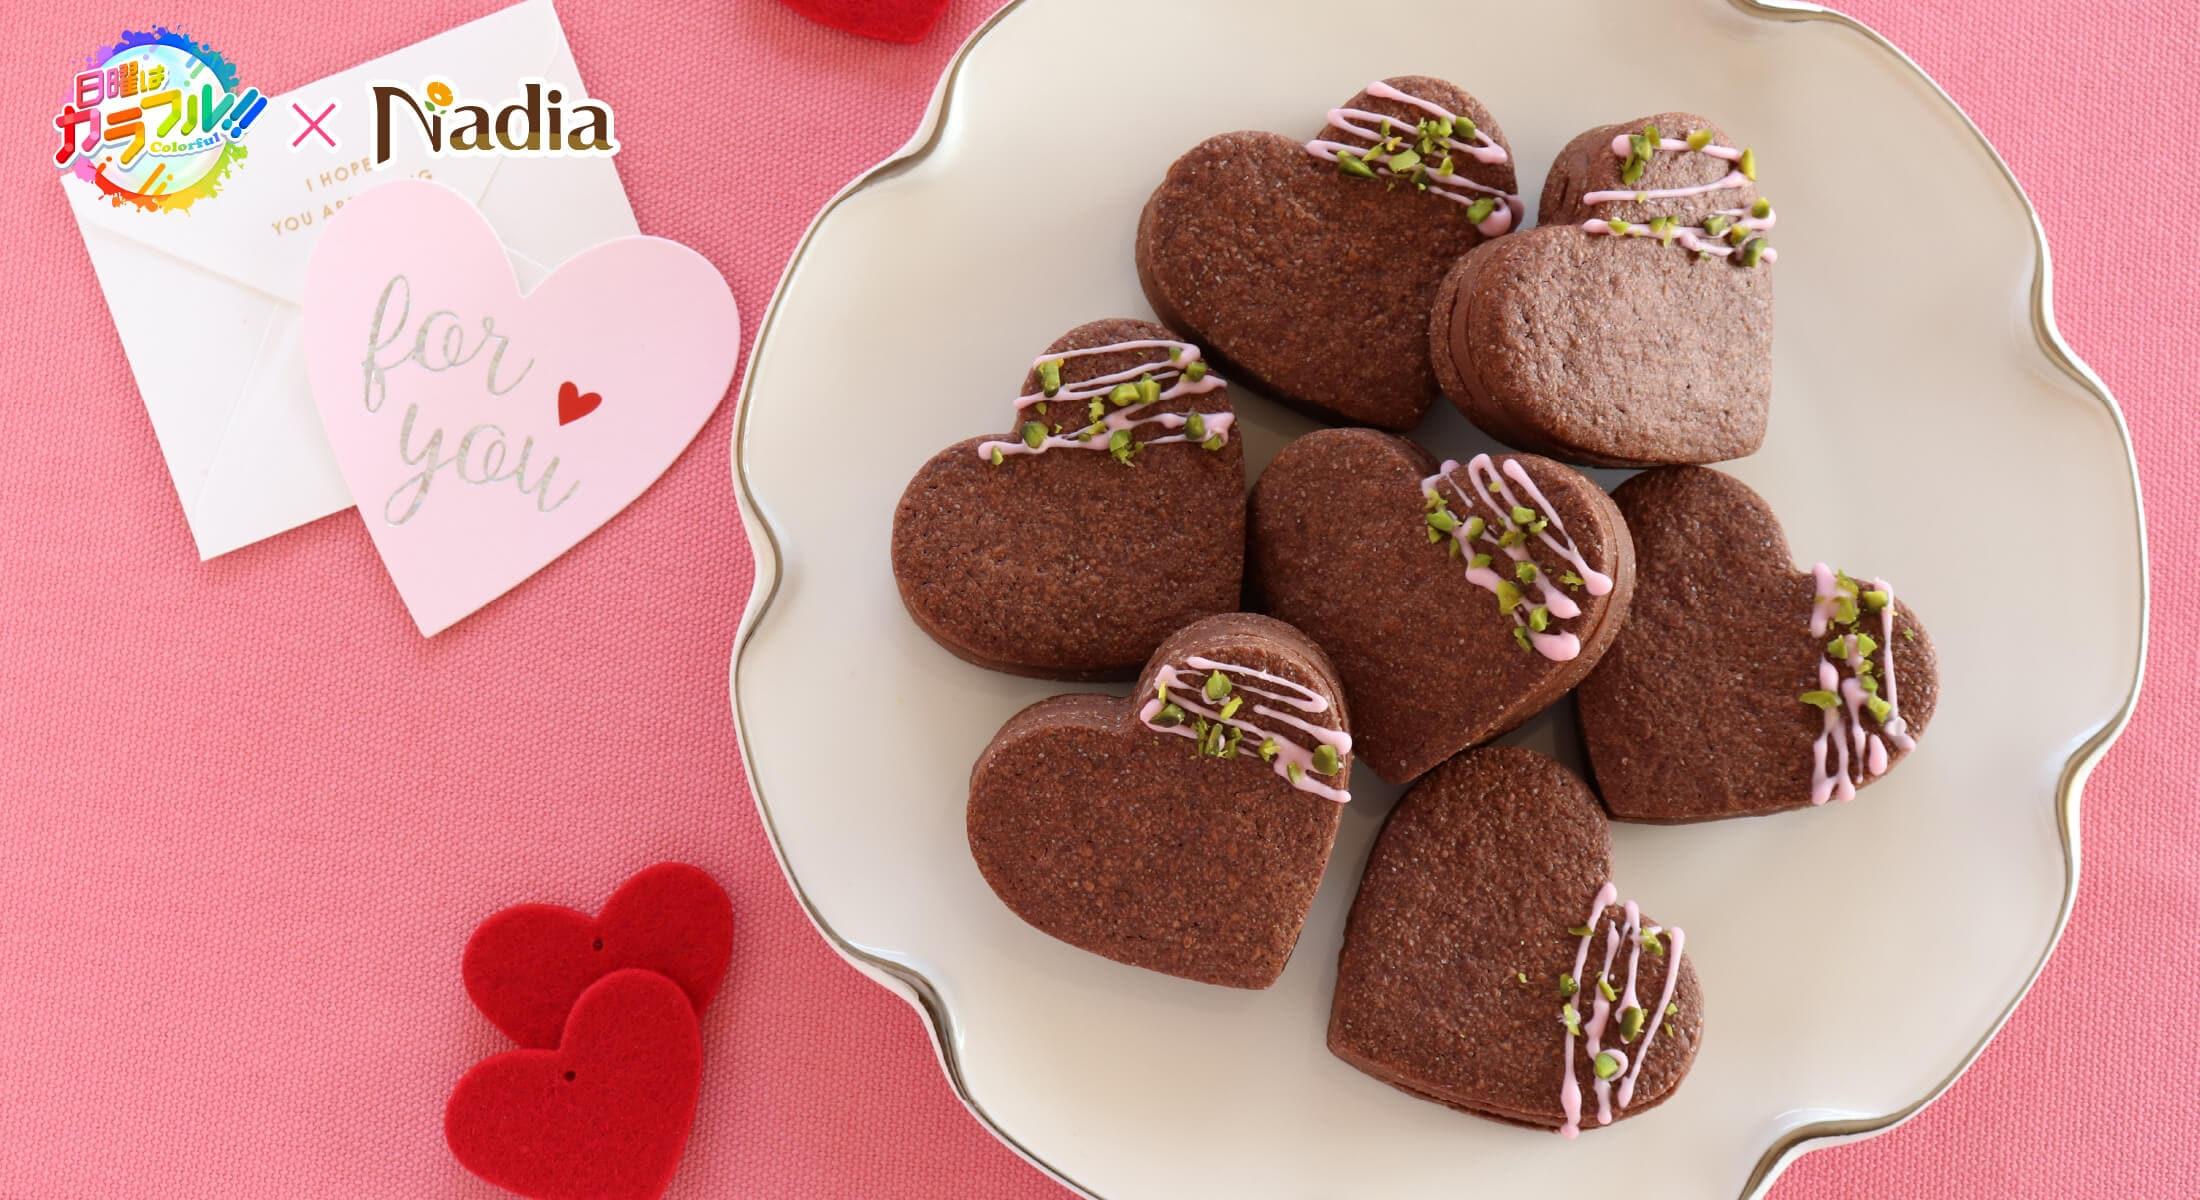 1愛する人の胃袋をつかめ!バレンタインレシピコンテスト